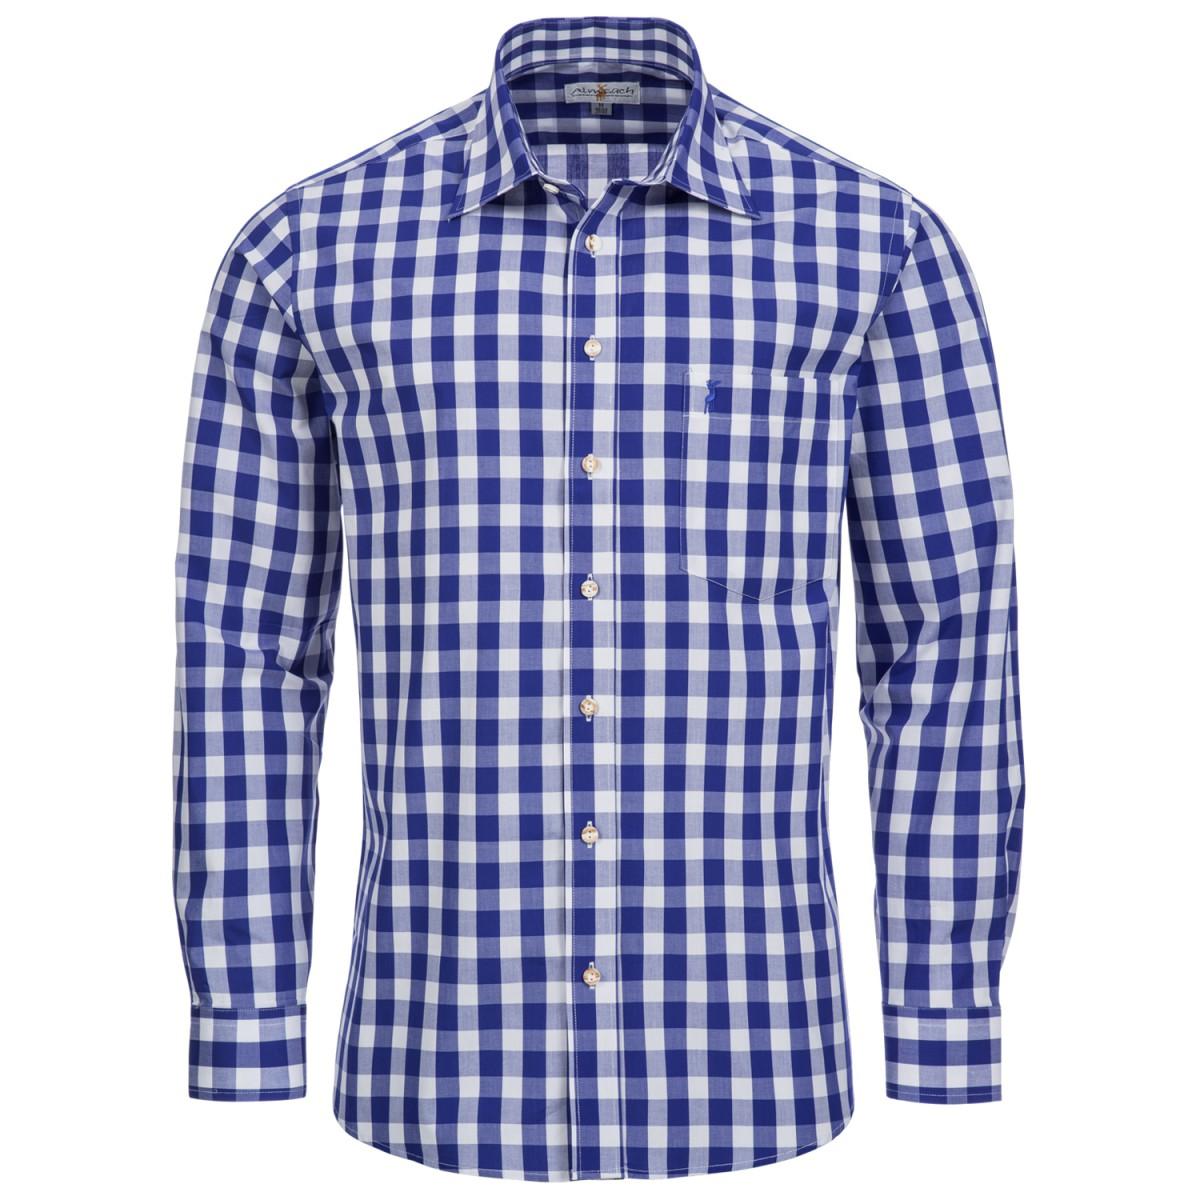 Blaues Trachtenhemd von Almsach